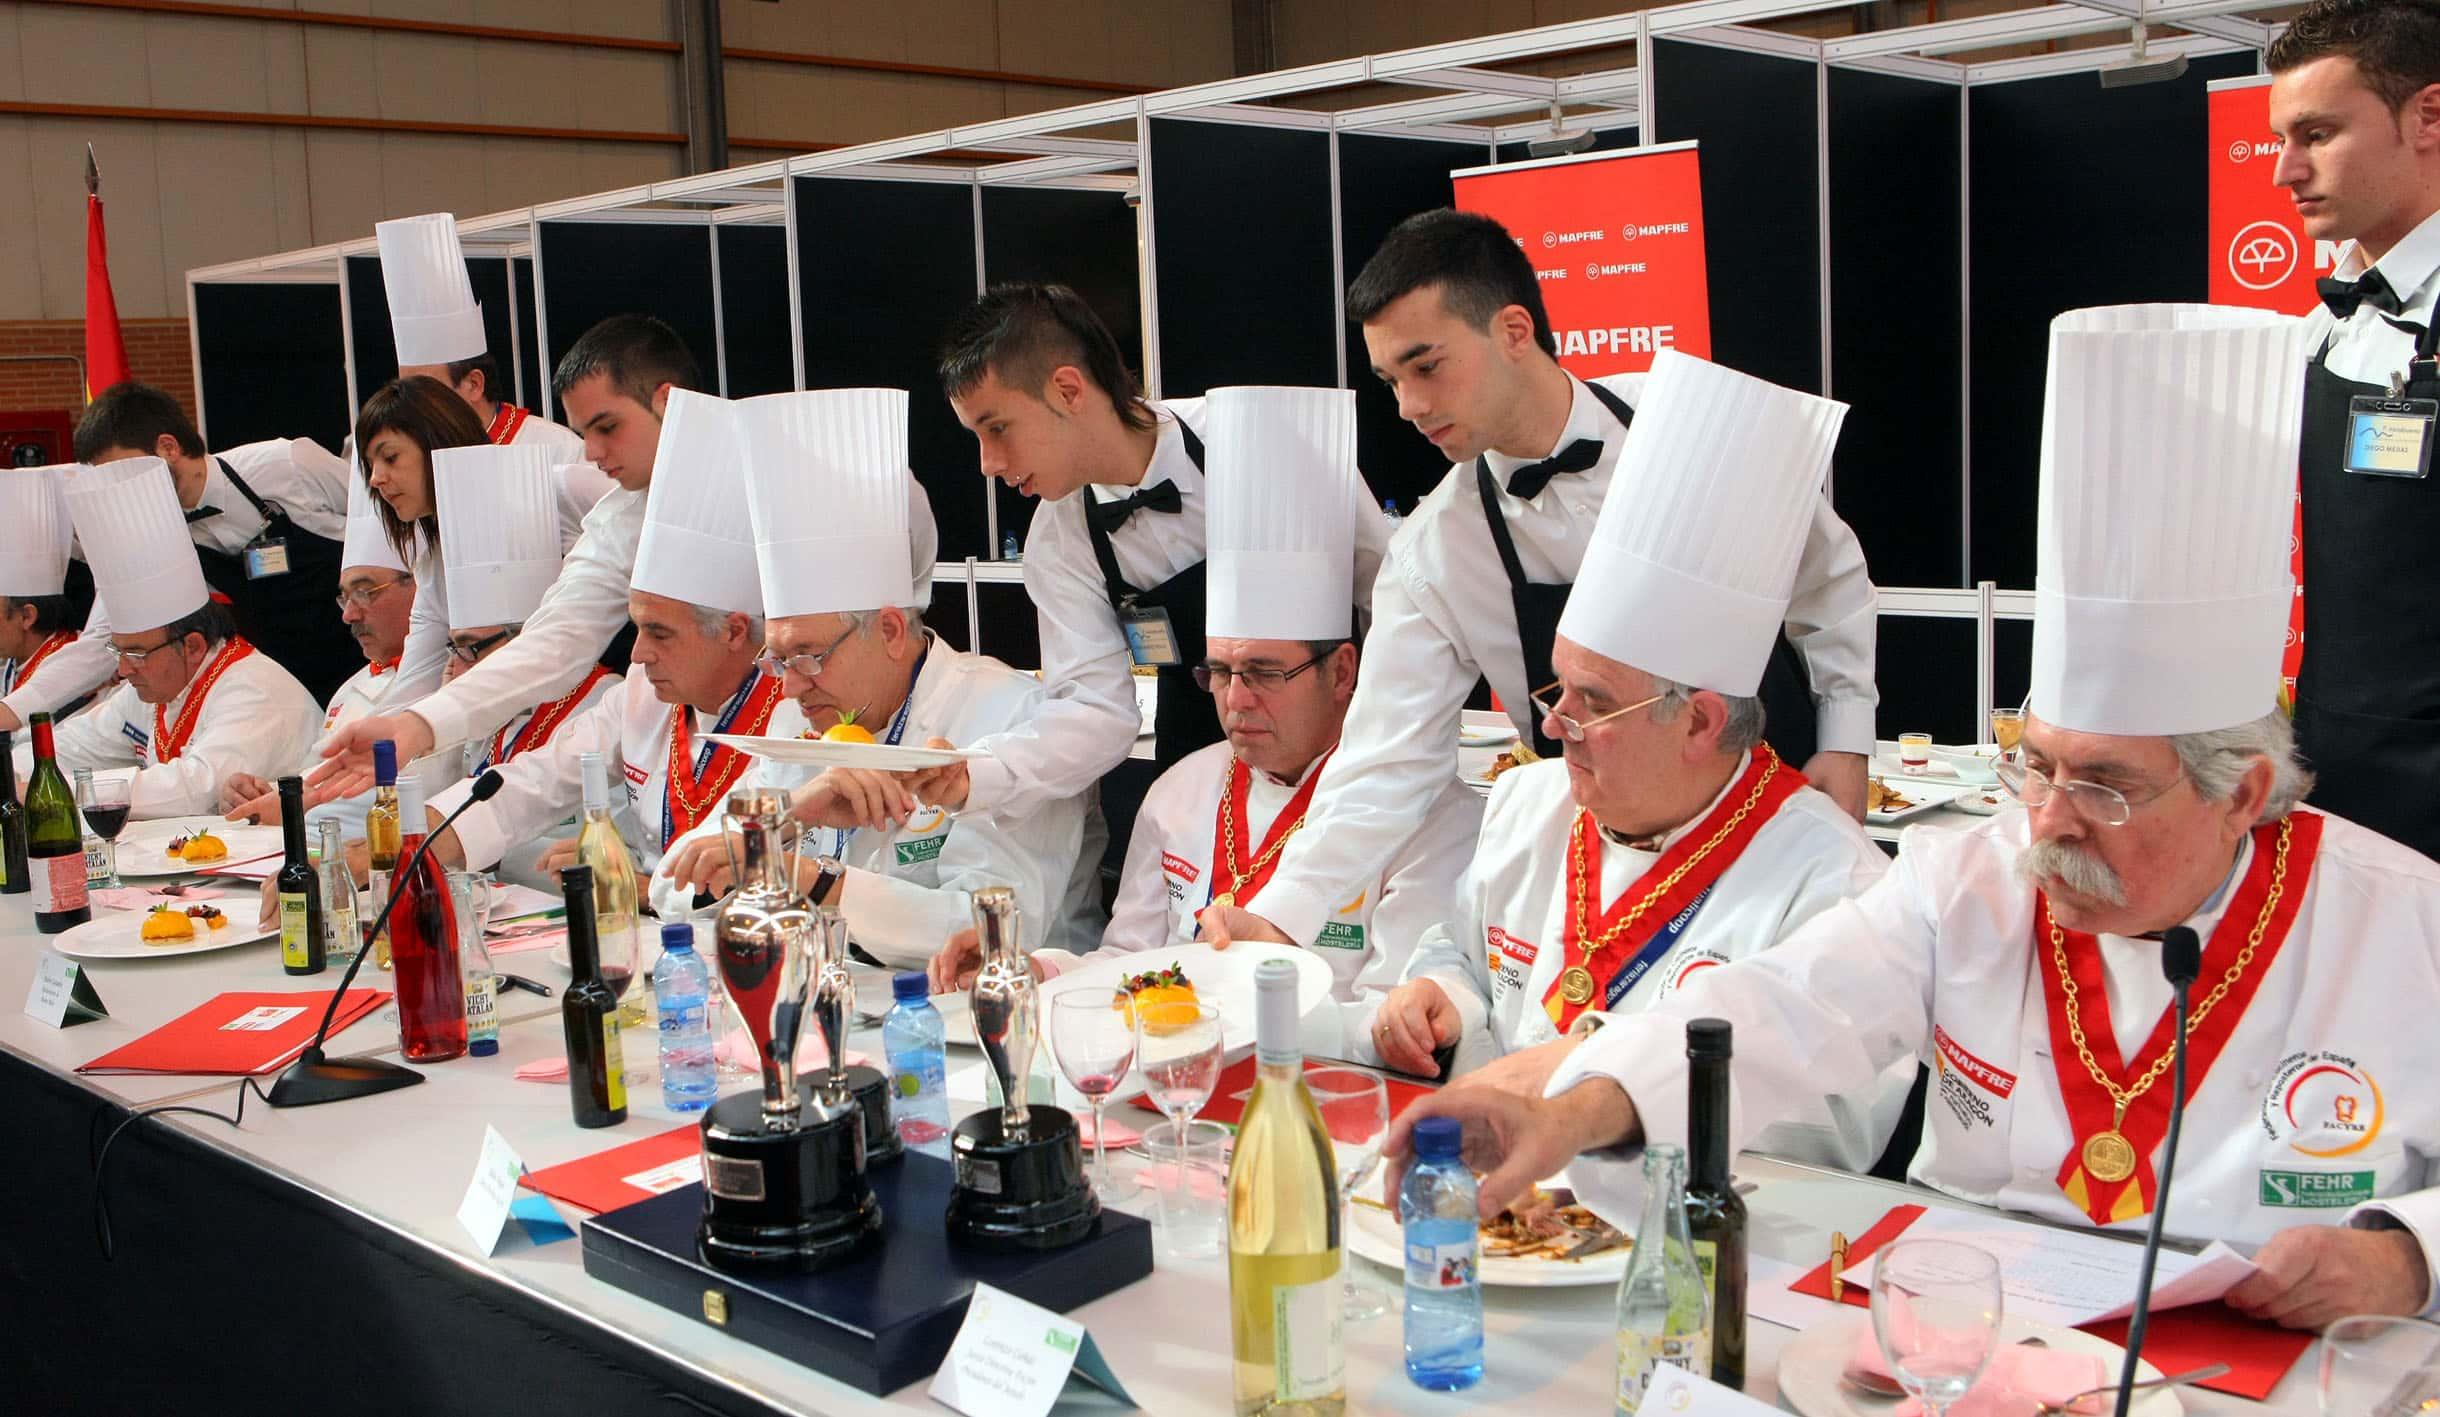 Zaragoza fue una fiesta gastronómica en el 2009, sede del IX Cermanen Nacional de Gastronomía